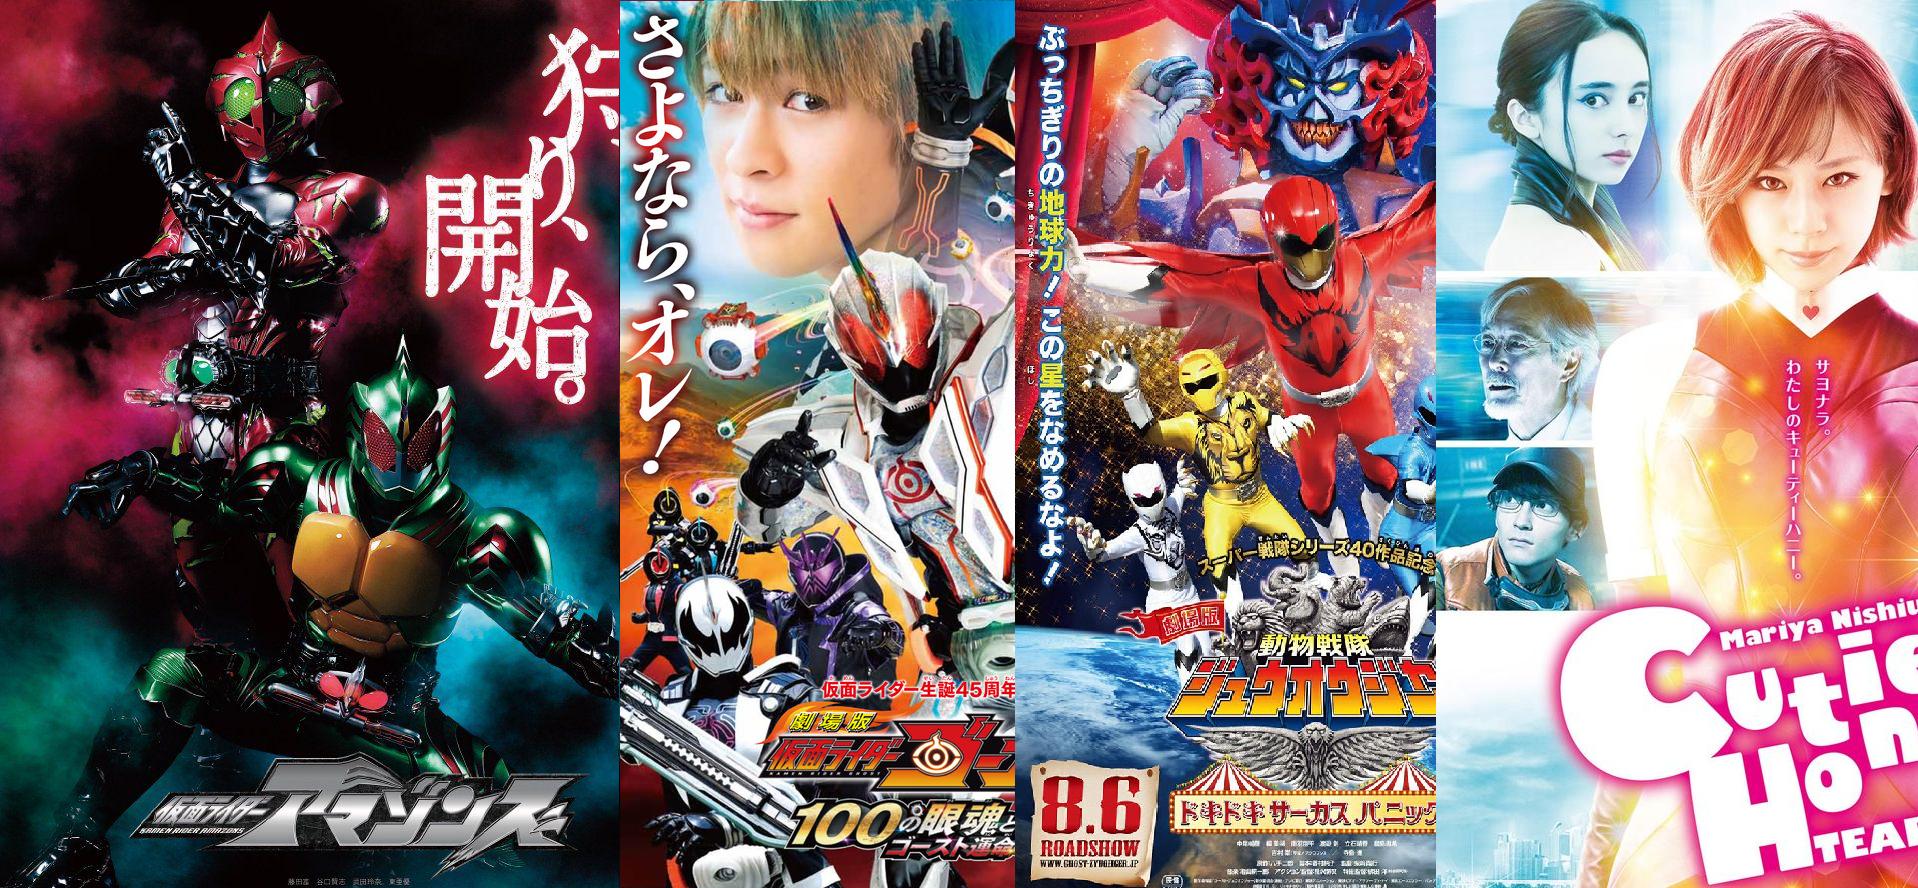 Kamen Rider Amazons and Tokusatsu Movies Receive Nominations at Japan Action Awards 2017